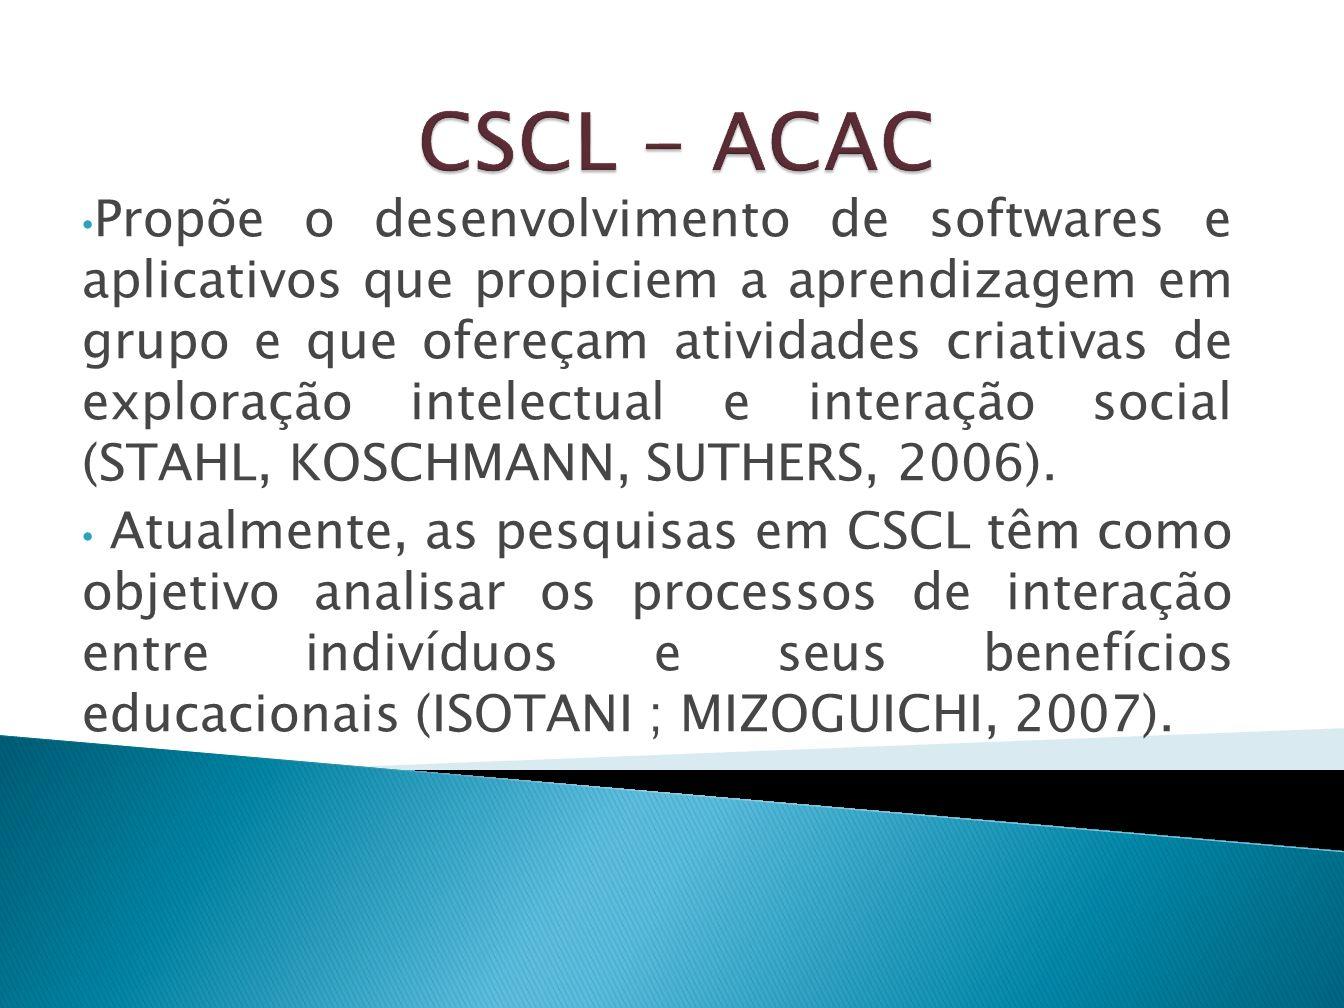 CSCL - ACAC